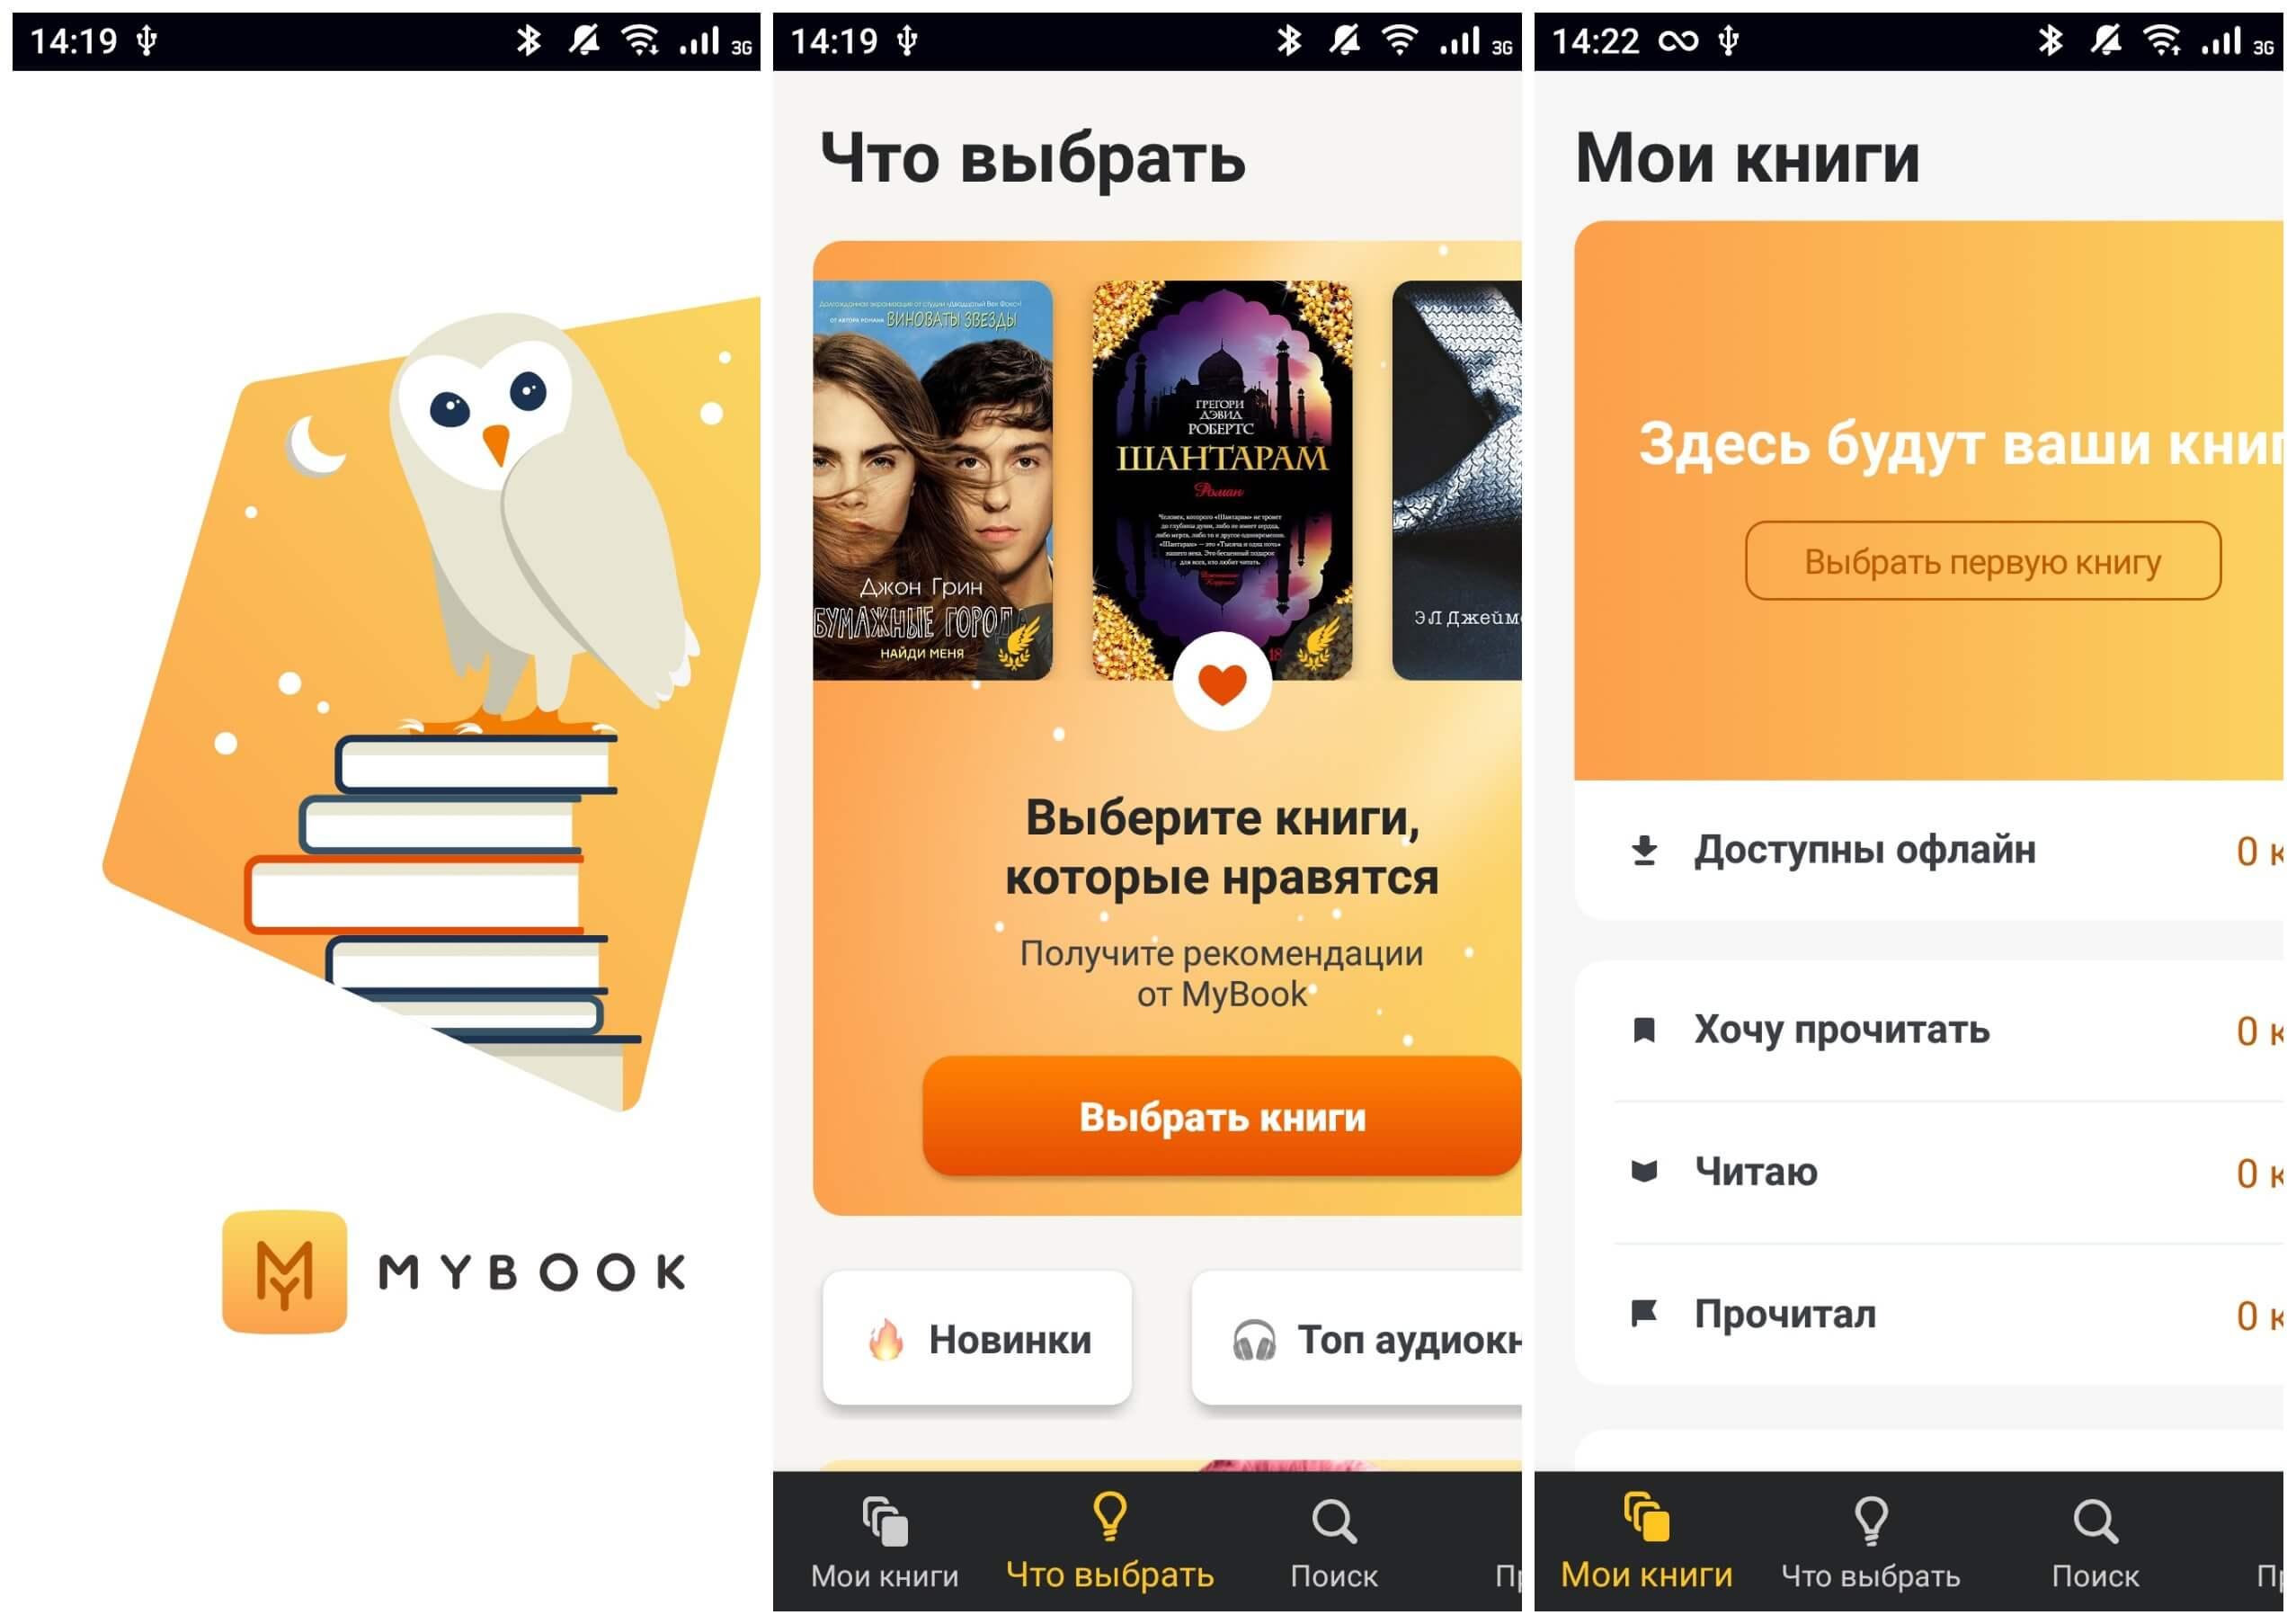 На фото изображено приложение MyBook.